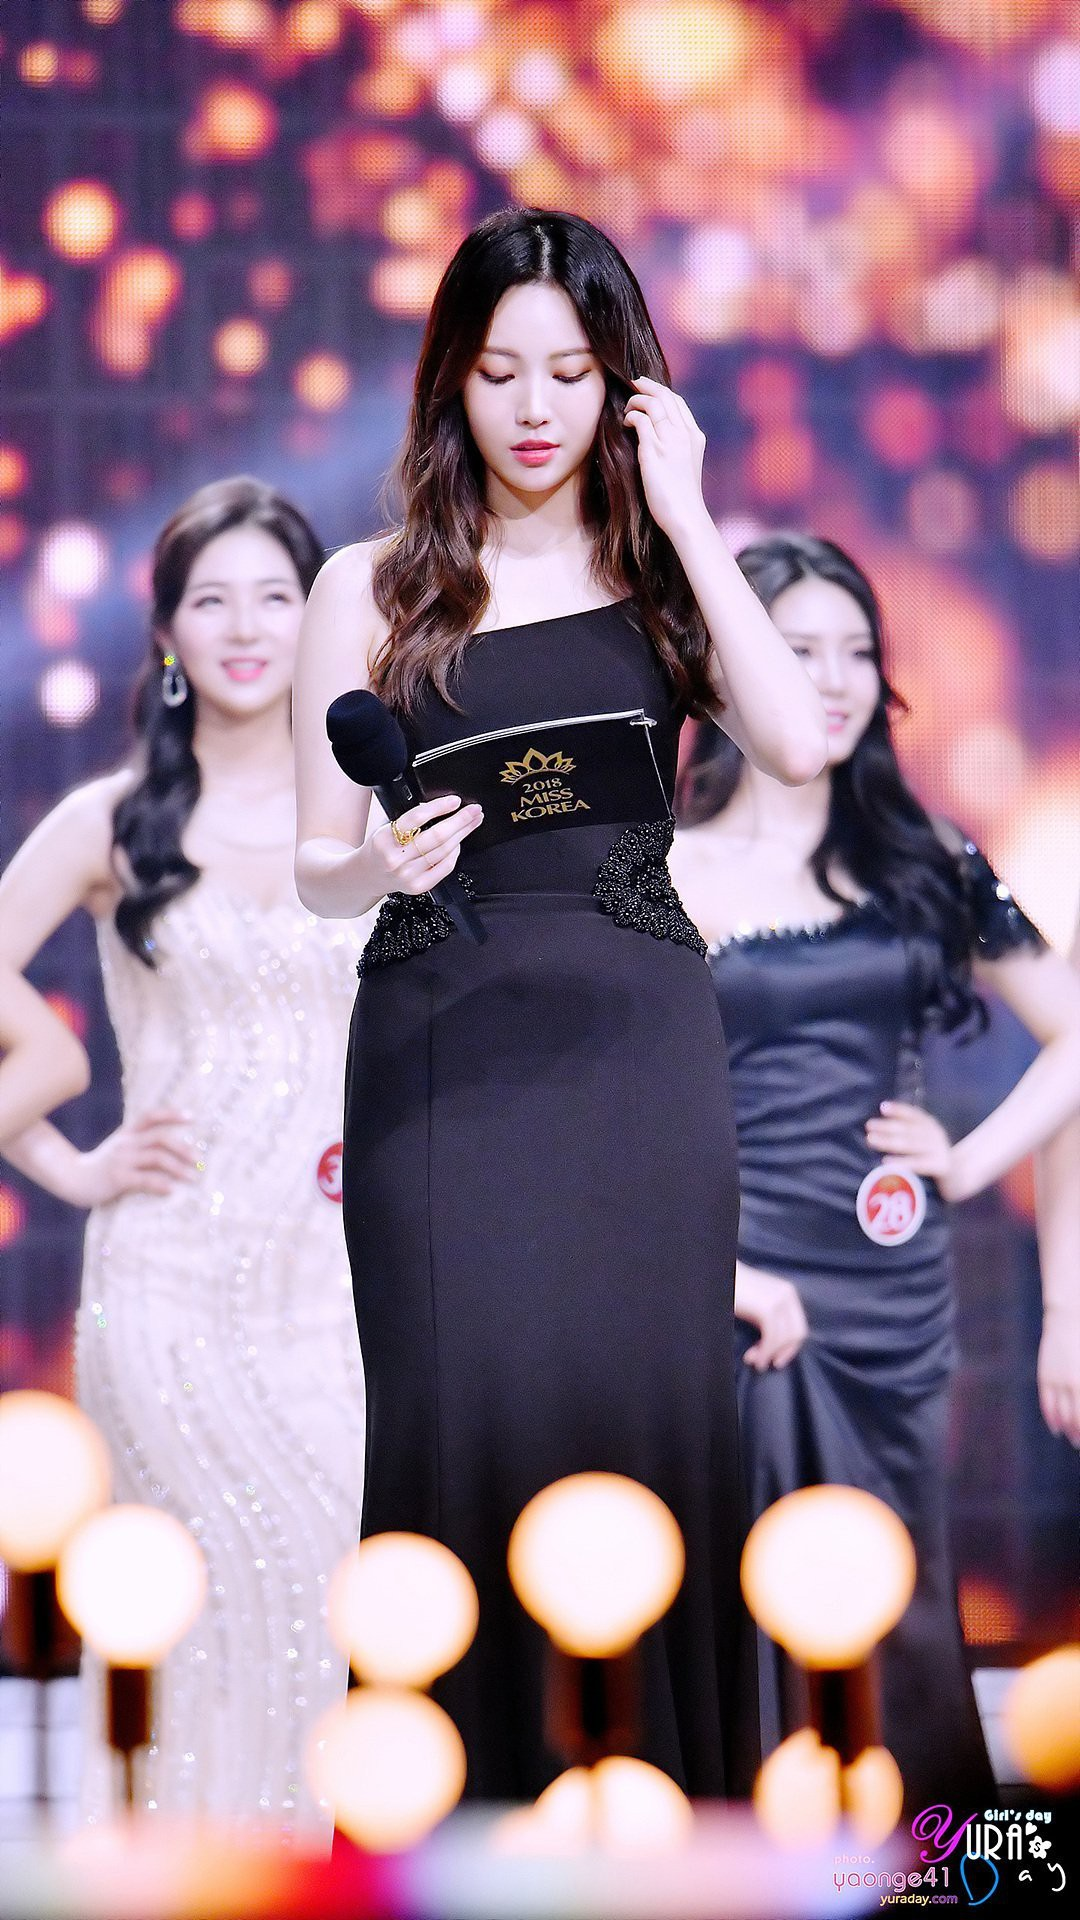 """Trớ trêu các cuộc thi sắc đẹp Hàn Quốc: Hoa hậu bị """"kẻ ngoài cuộc"""" lấn át nhan sắc ngay trong đêm đăng quang! - Ảnh 3."""